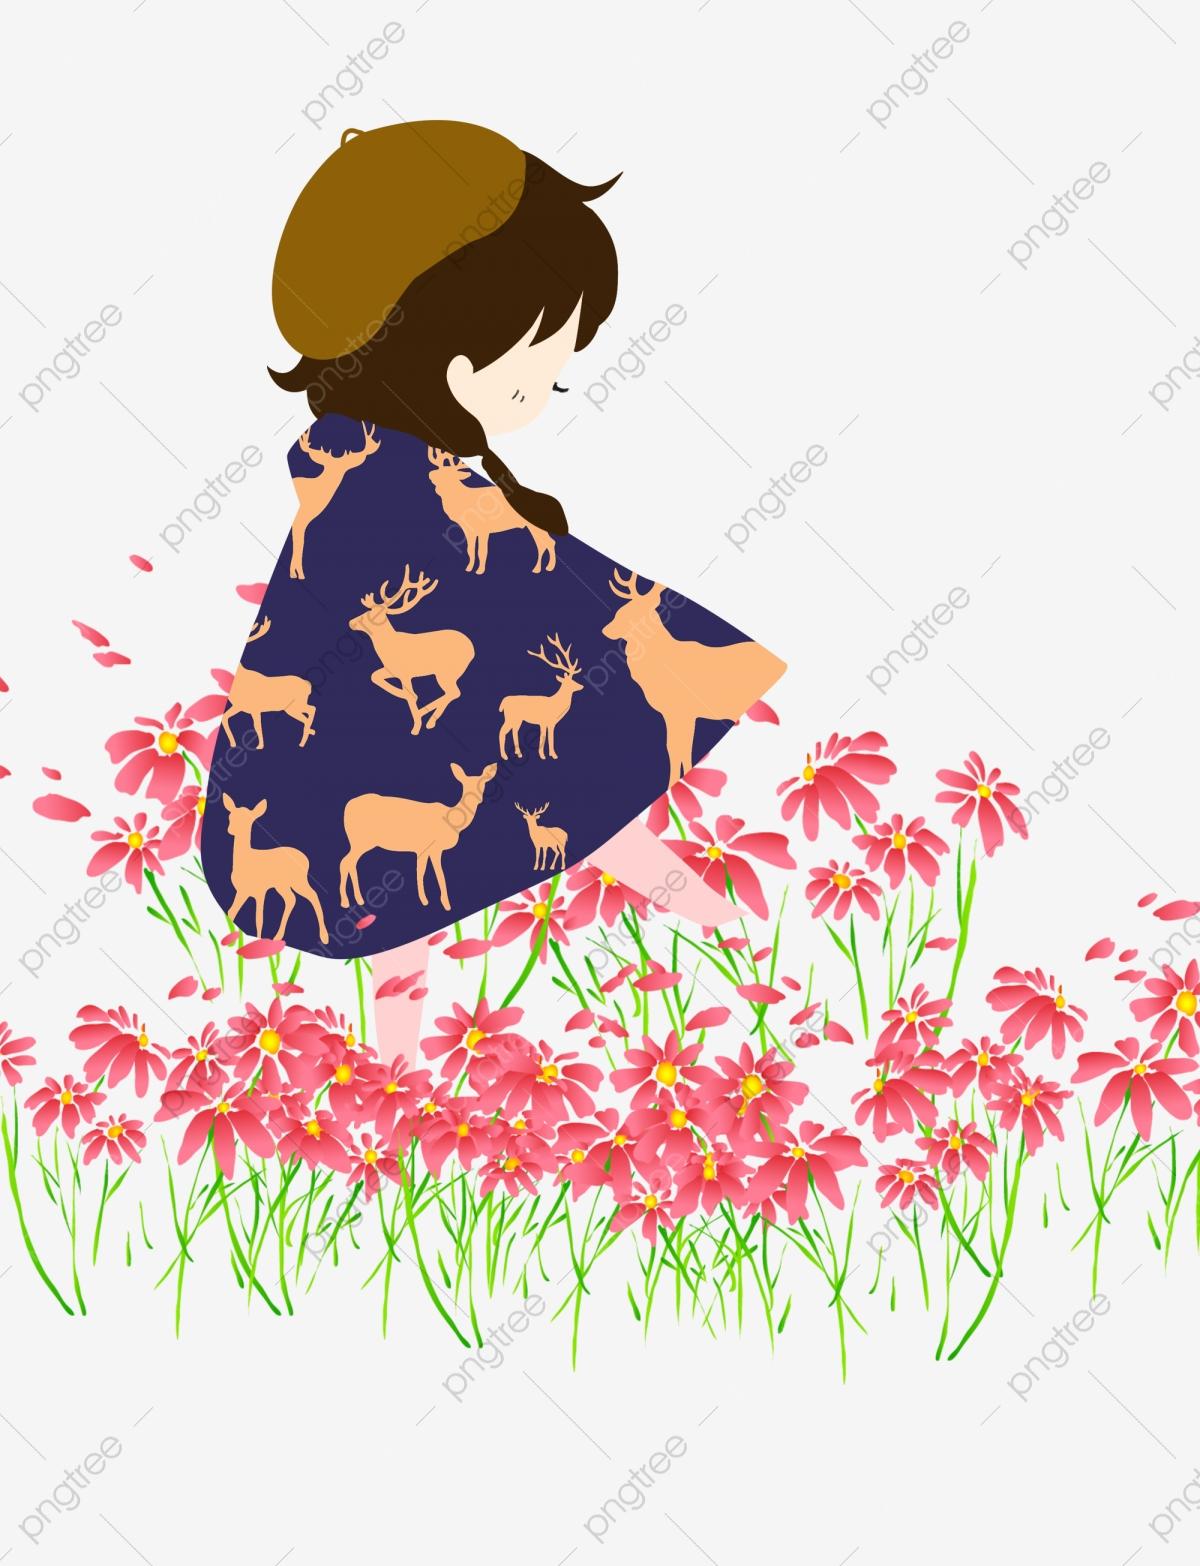 Gambar Kartun Hiasan Gambar Jepun Bunga Layu Kartun Bahan Hiasan Jepun Bahan Gambar Hiasan Png Dan Psd Untuk Muat Turun Percuma